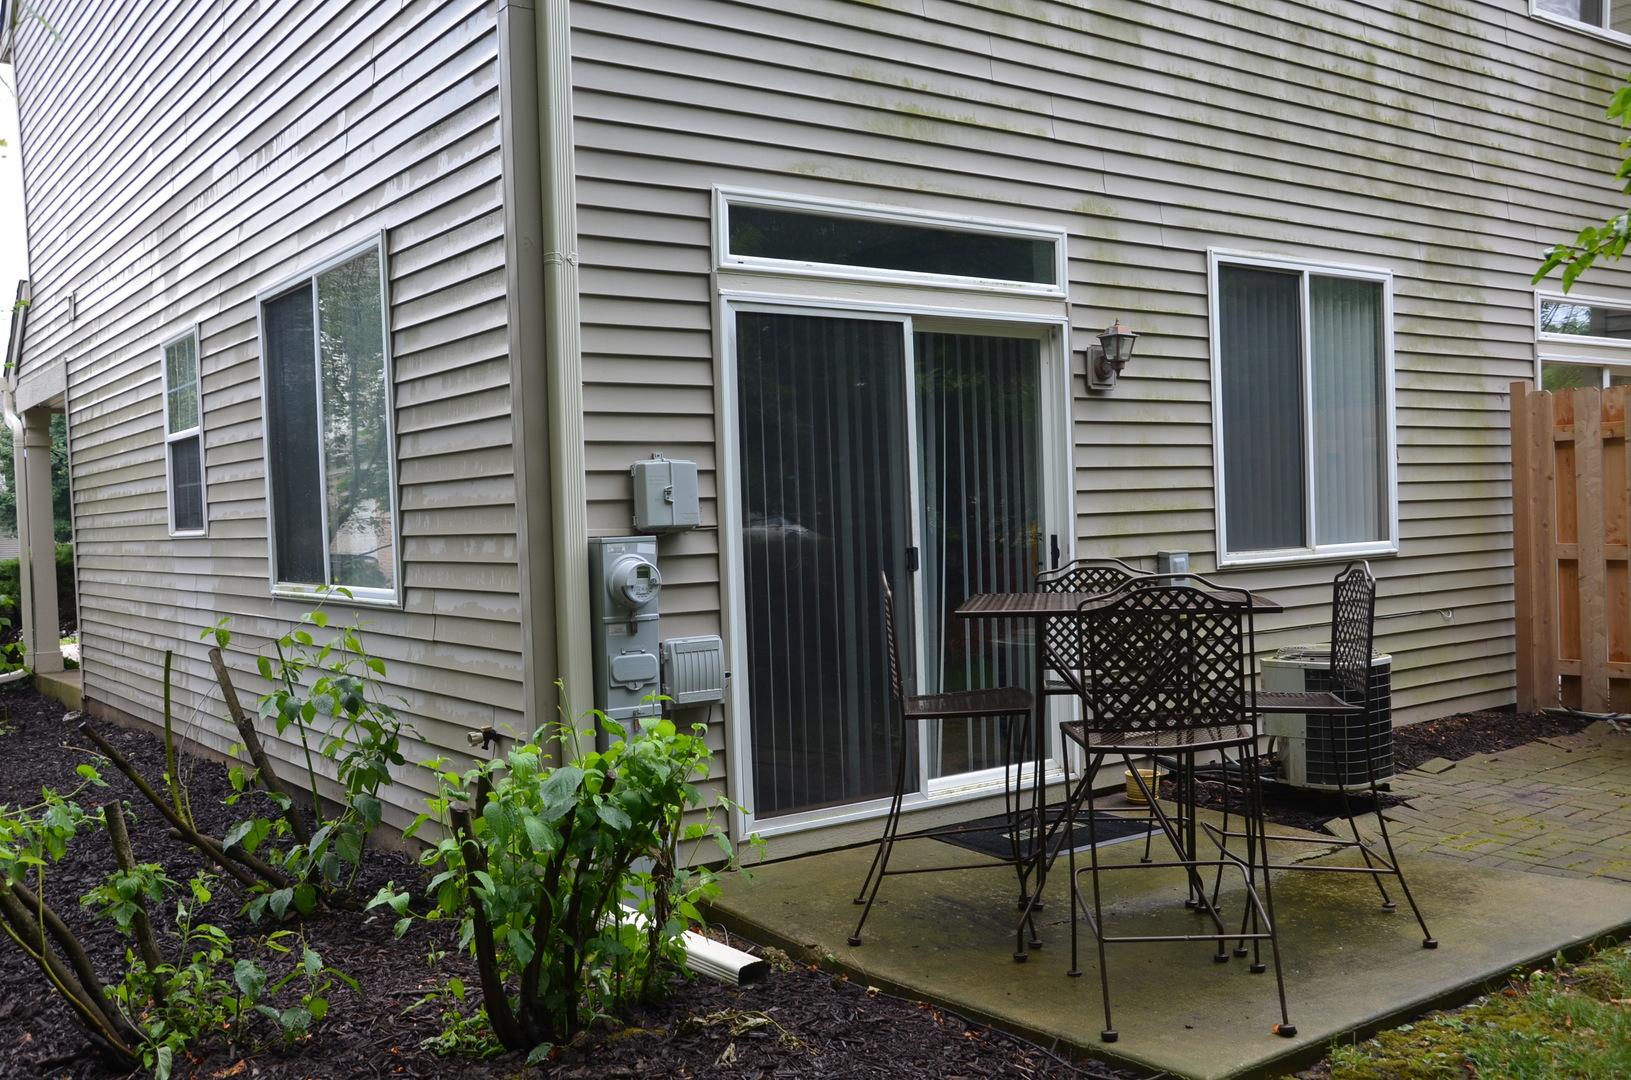 180 Stockton, Grayslake, Illinois, 60030